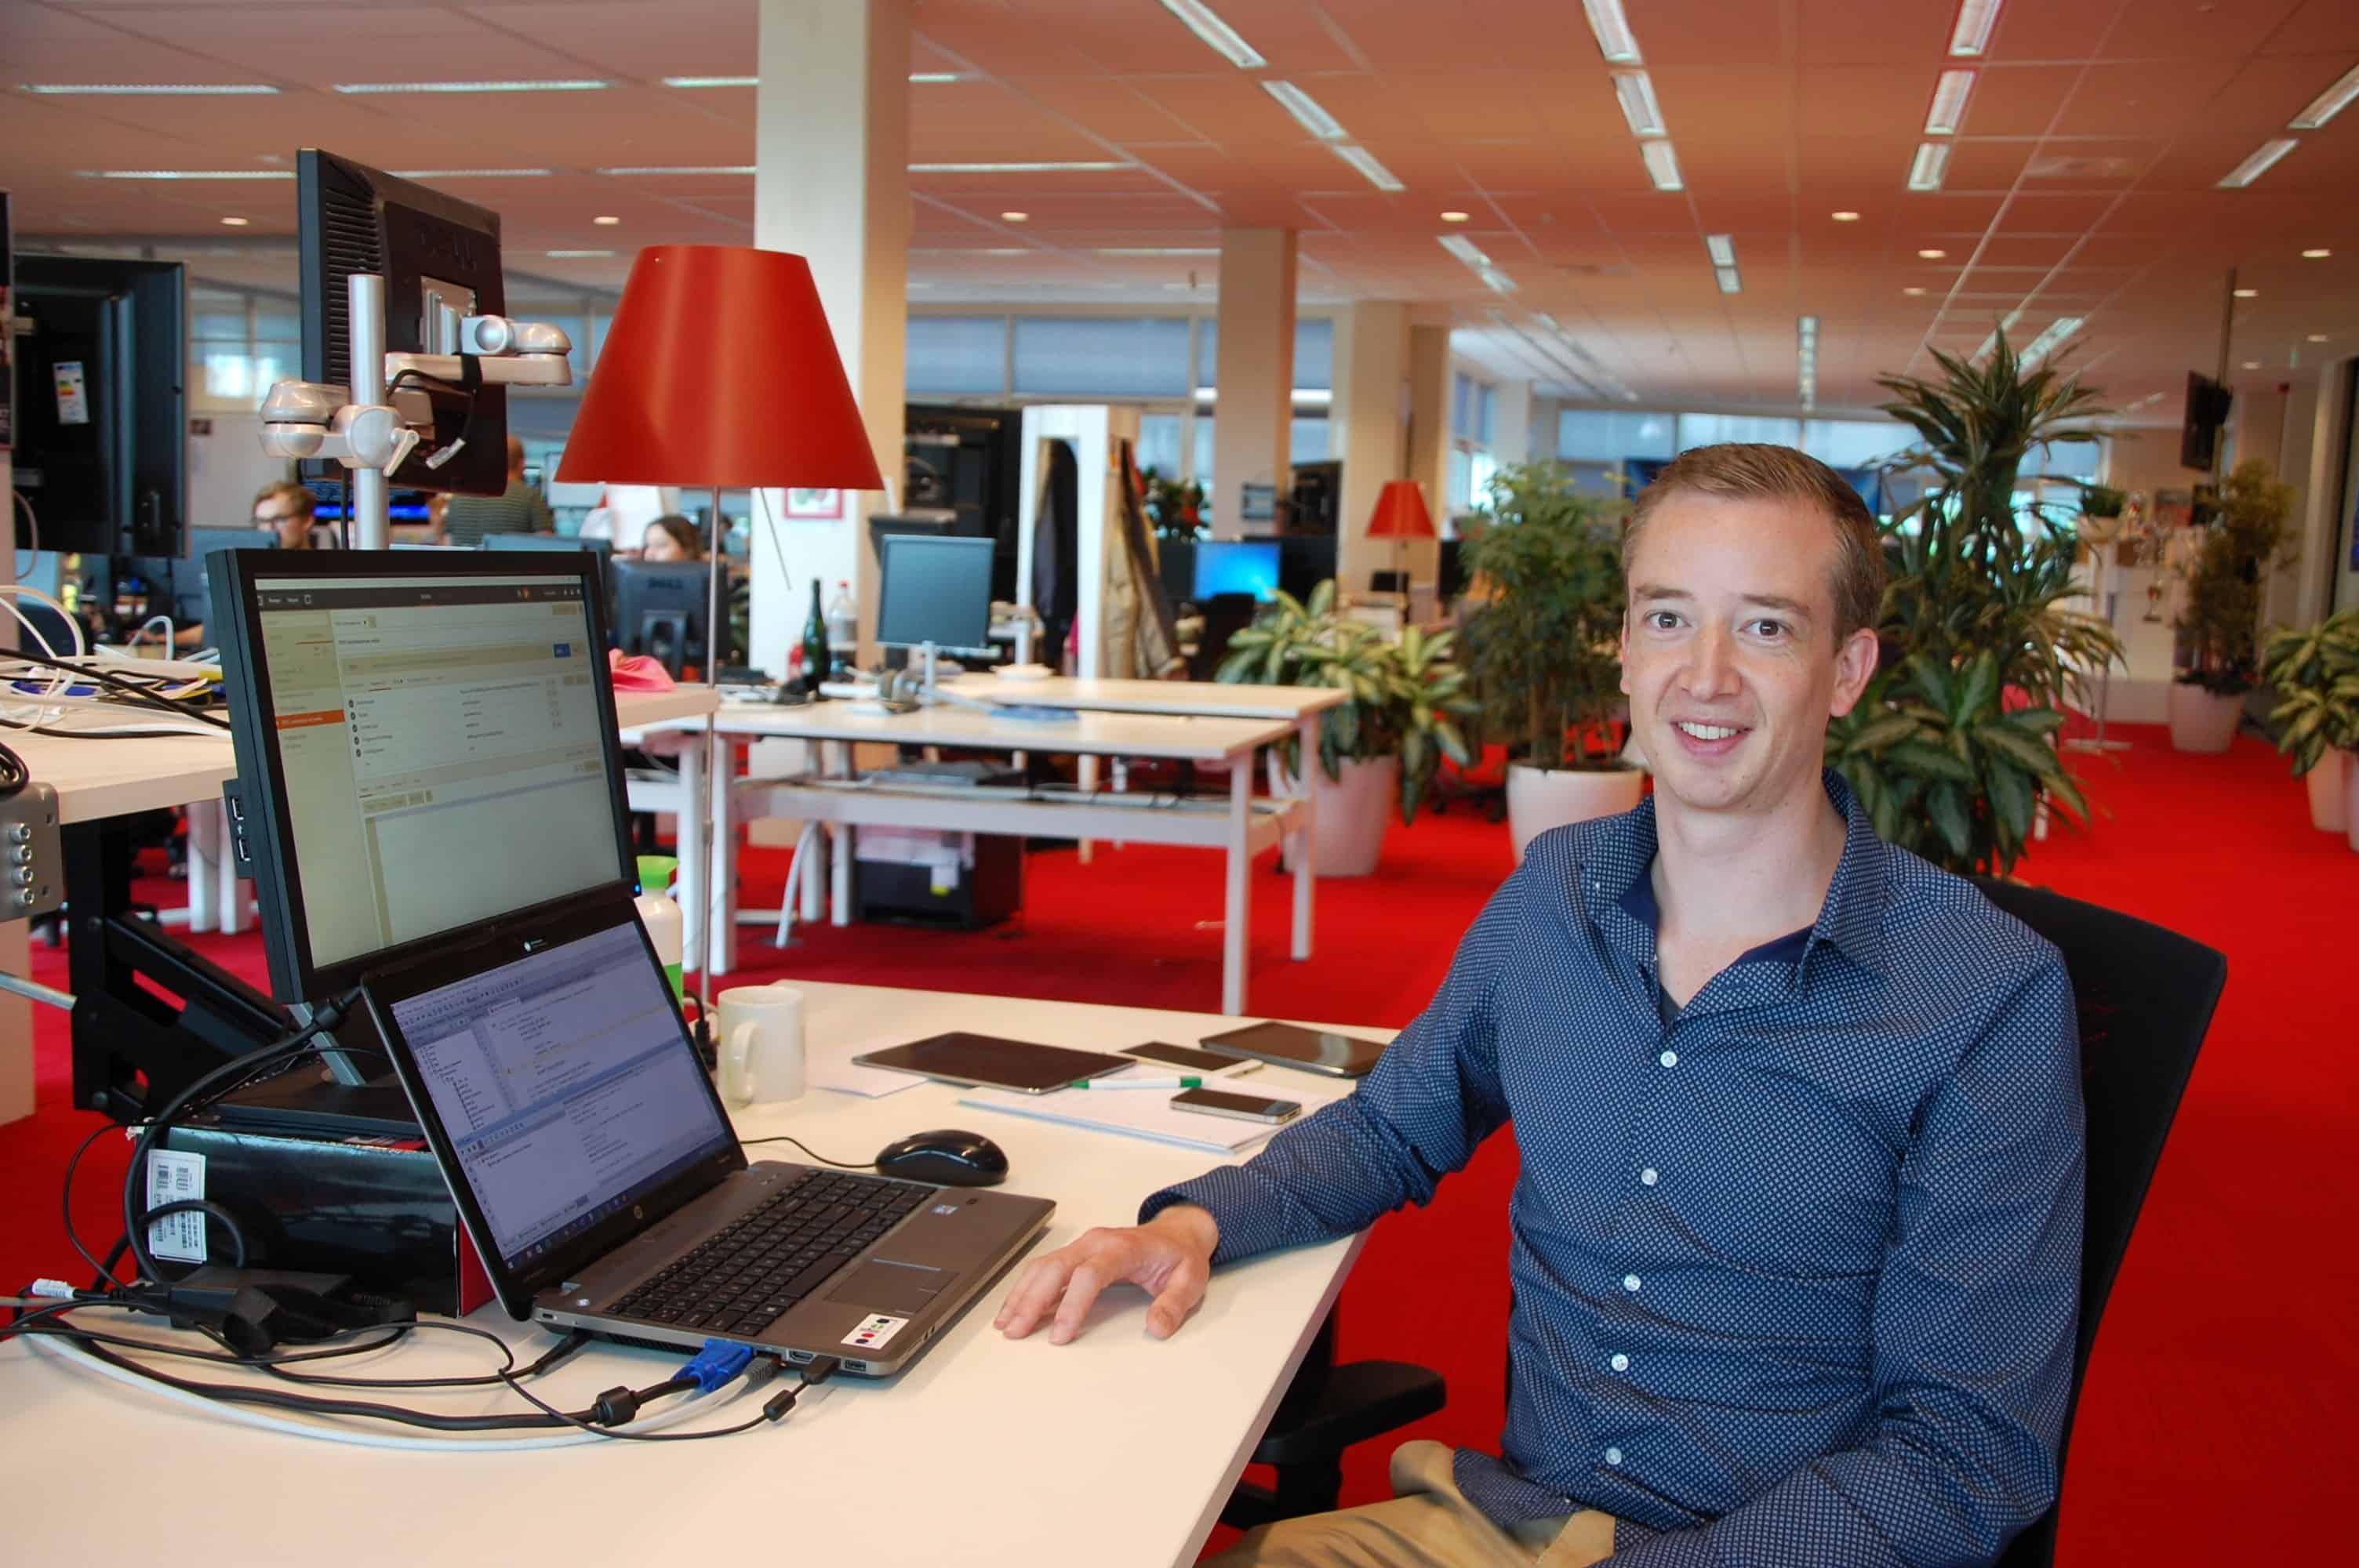 Het Polteq Traineeship Software Tester - Evert van Hamersveld vertelt waarom hij juist voor dit traineeship koos.